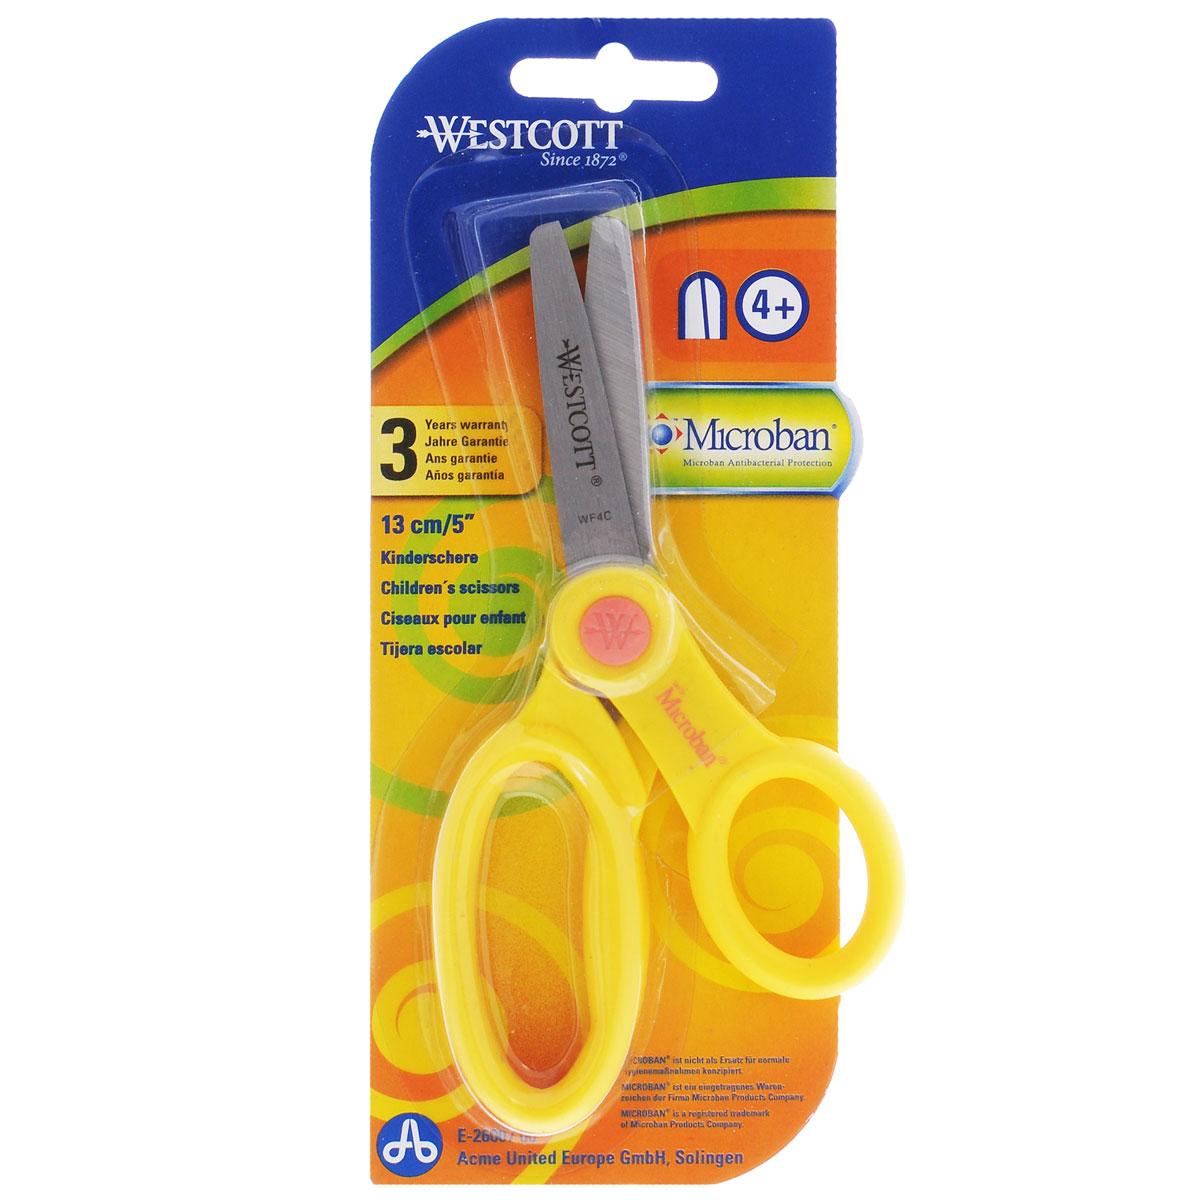 Ножницы детские Westcott, с антибактериальным покрытием, цвет: желтый, 13 смFS-36052Детские ножницы Westcott предназначены для резки бумаги, картона, текстиля. Лезвия выполнены из особо прочной нержавеющей стали, пластиковые ручки адаптированы для детской руки.Антибактериальное покрытие Microban эффективно удаляет с поверхности ножниц 99% бактерий, обеспечивая надёжную, длительную и антибактериальную защиту ребенка на протяжении всего срока службы. Рекомендуемый возраст: от 4 лет.